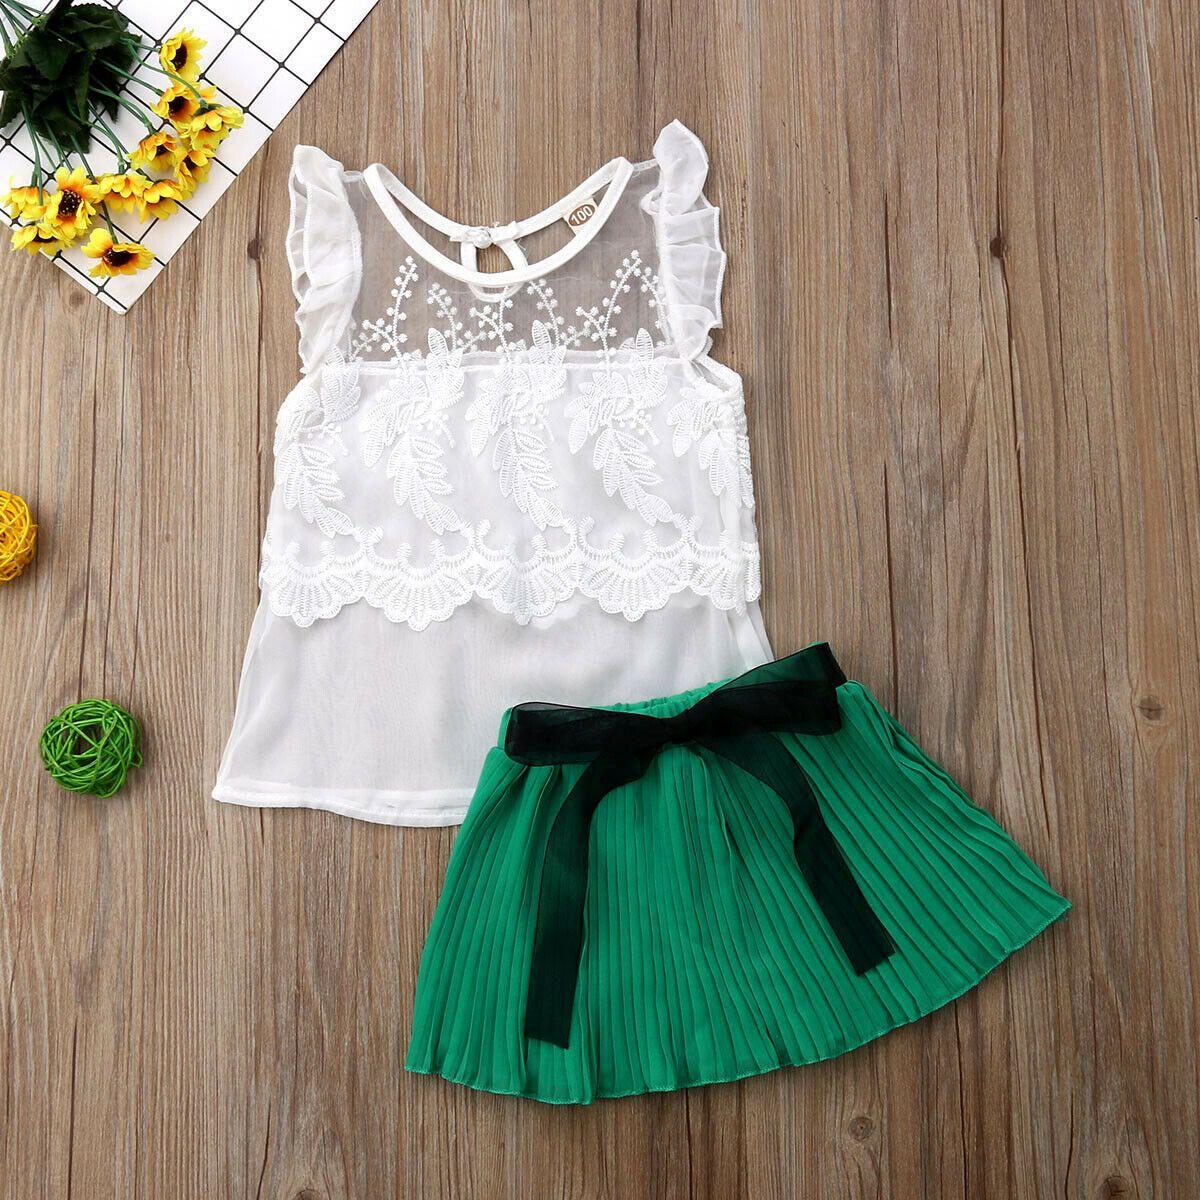 Girl Fashion Emmababy Set 18M-5Y États-Unis tout-petits bébés filles Loisirs respirant dentelle court + Top mode jupe en mousseline